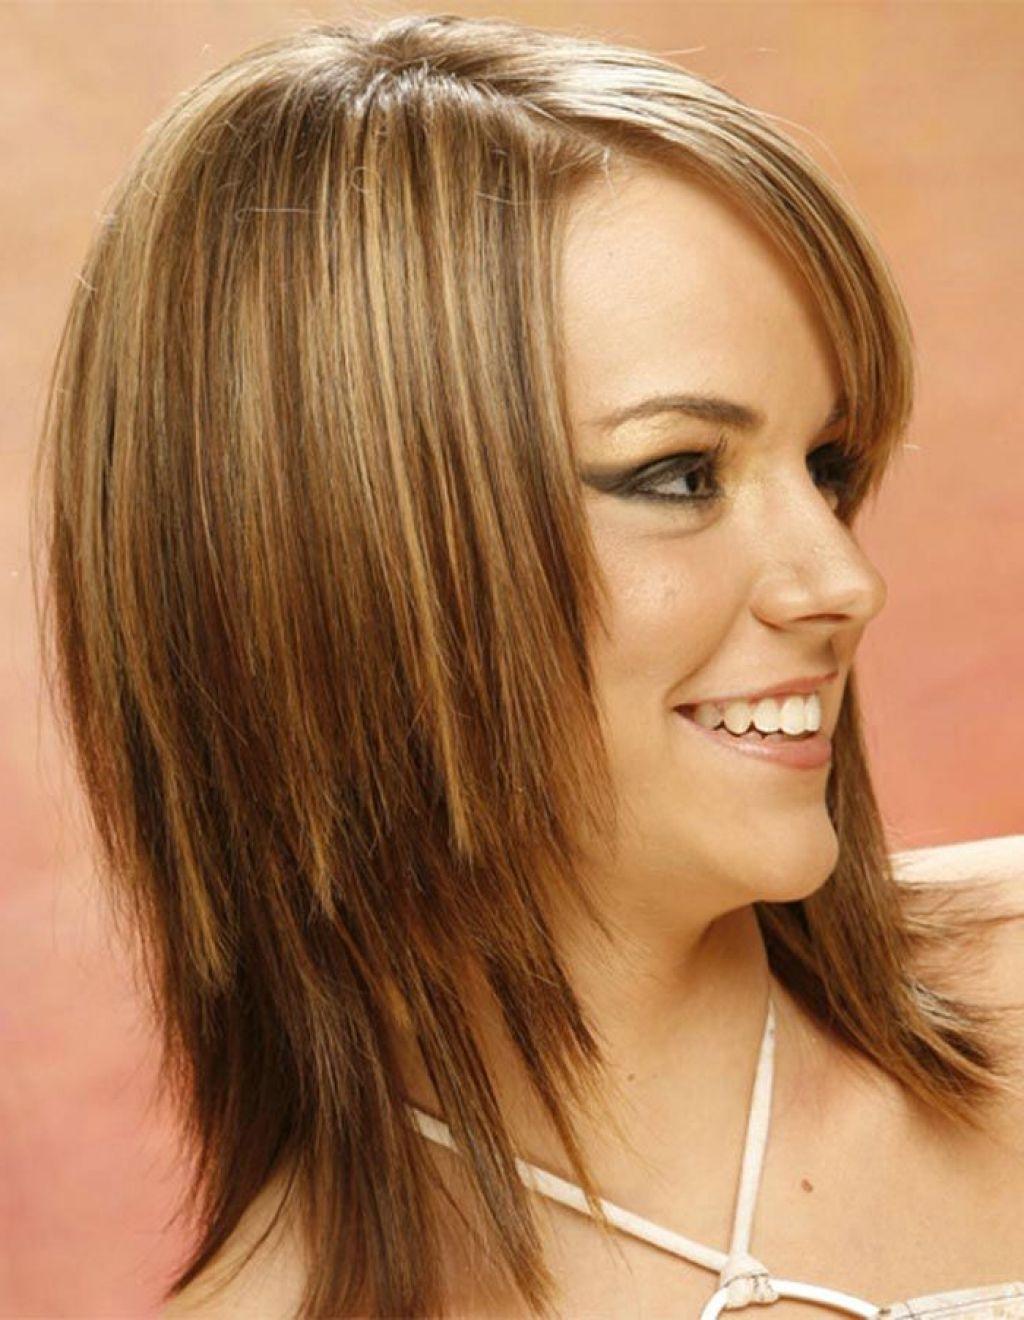 Фото прически лесенка на средних волосах